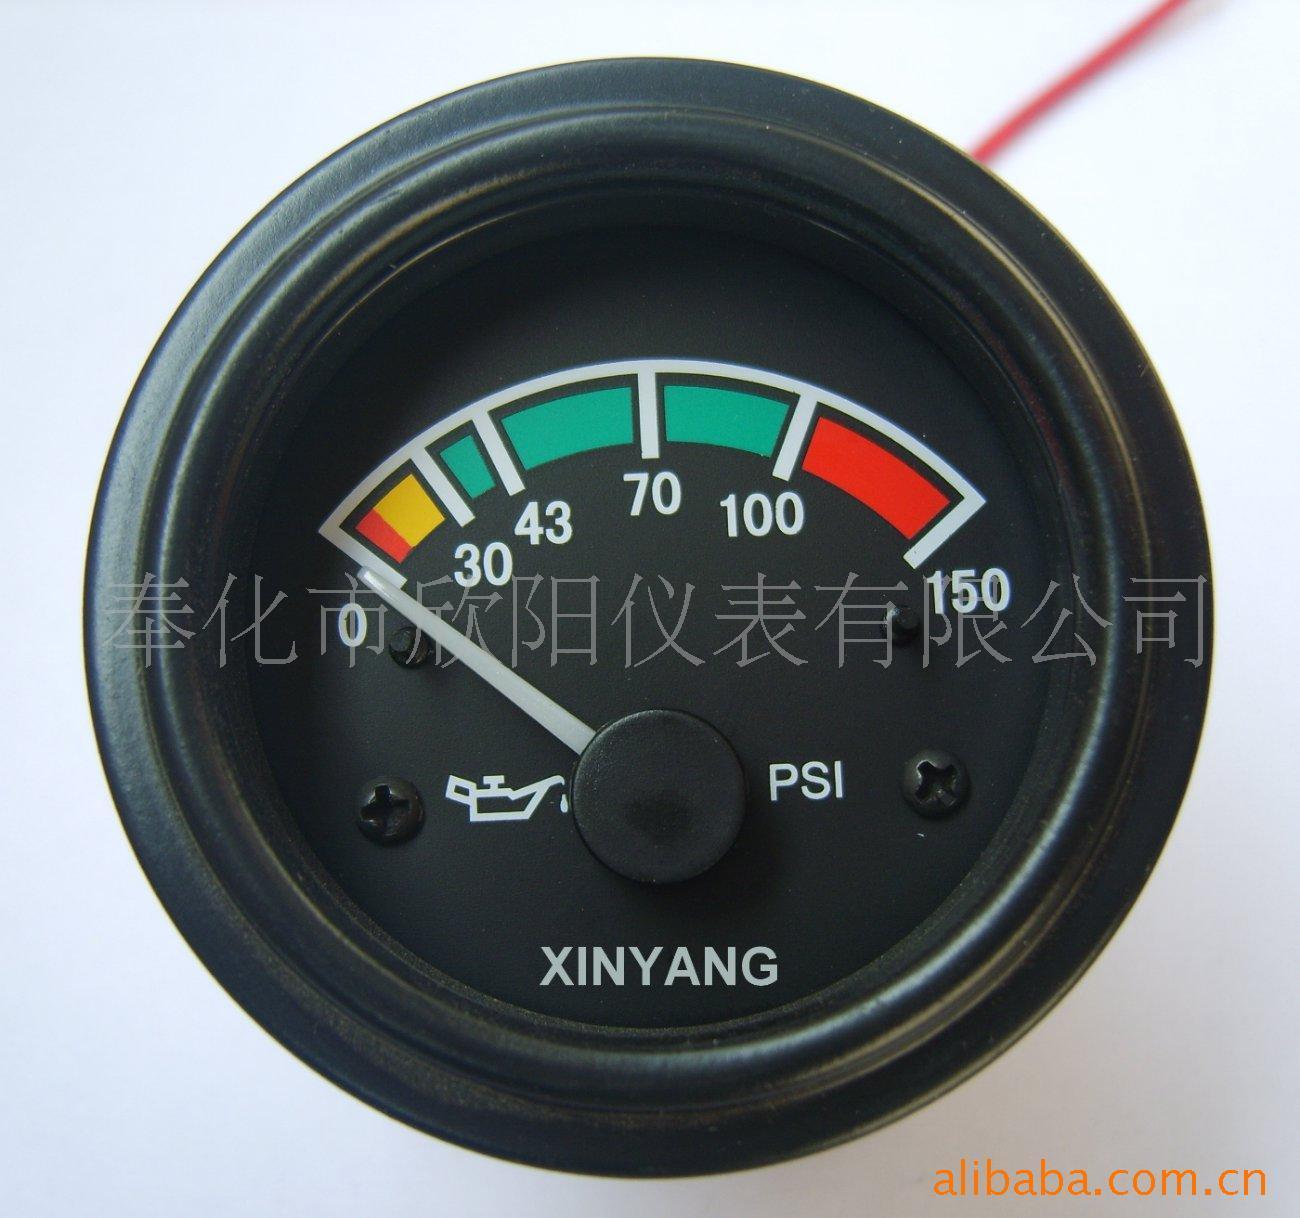 奉化市欣阳仪表有限公司是一家内燃机仪表,发电机仪表,工程车仪表图片